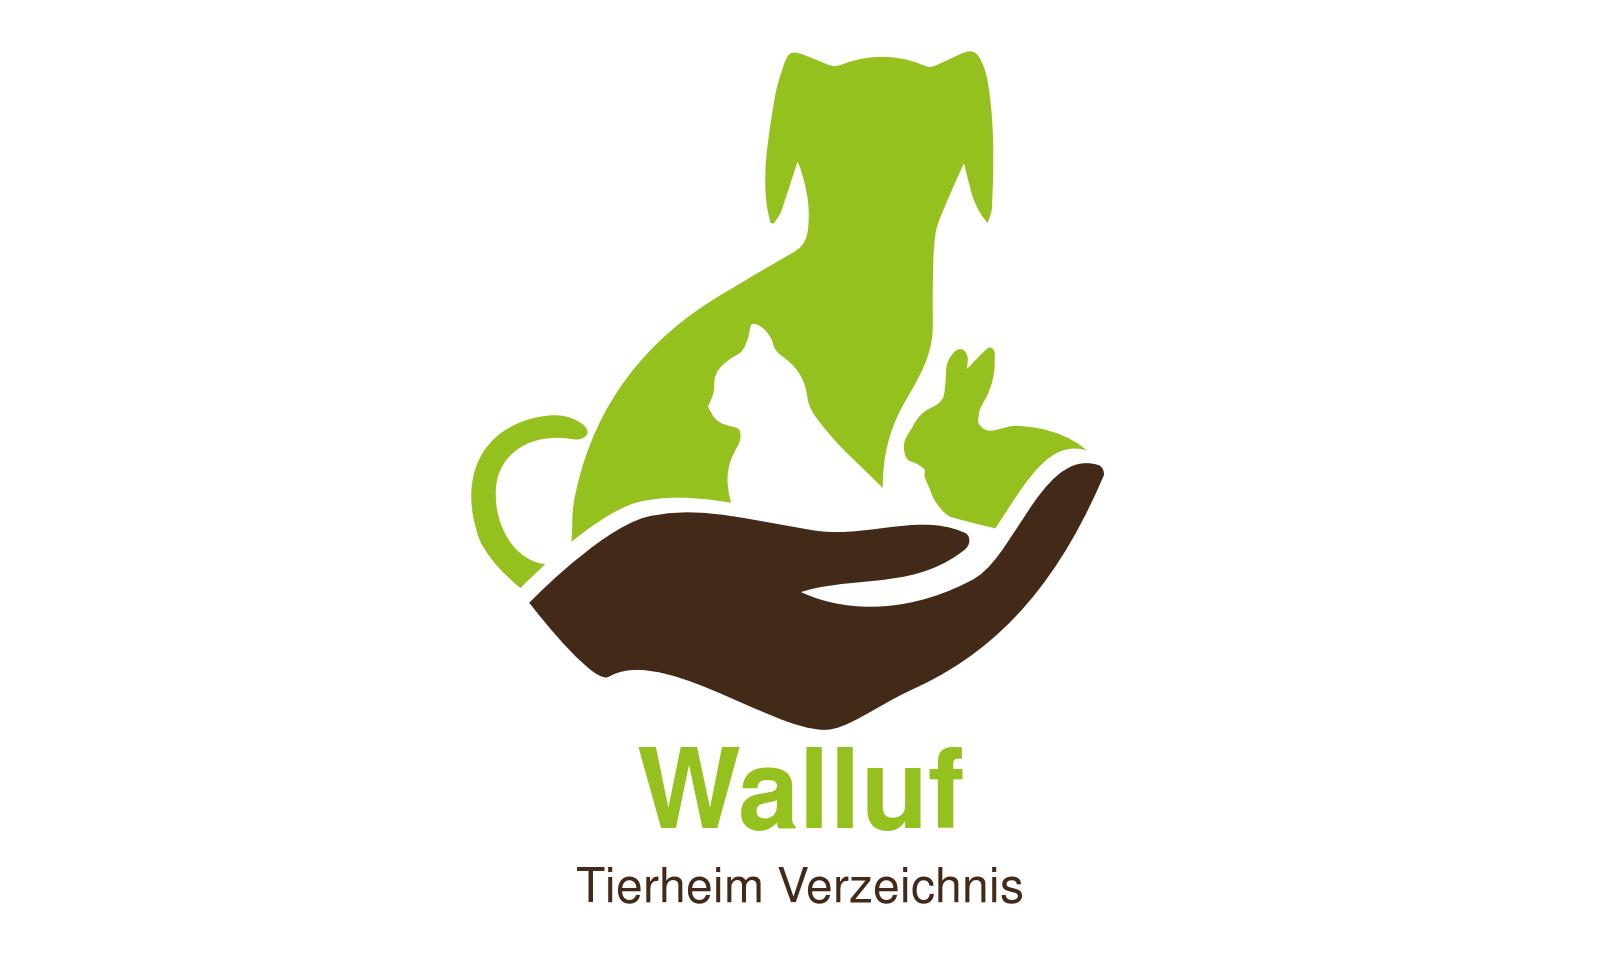 Tierheim Walluf